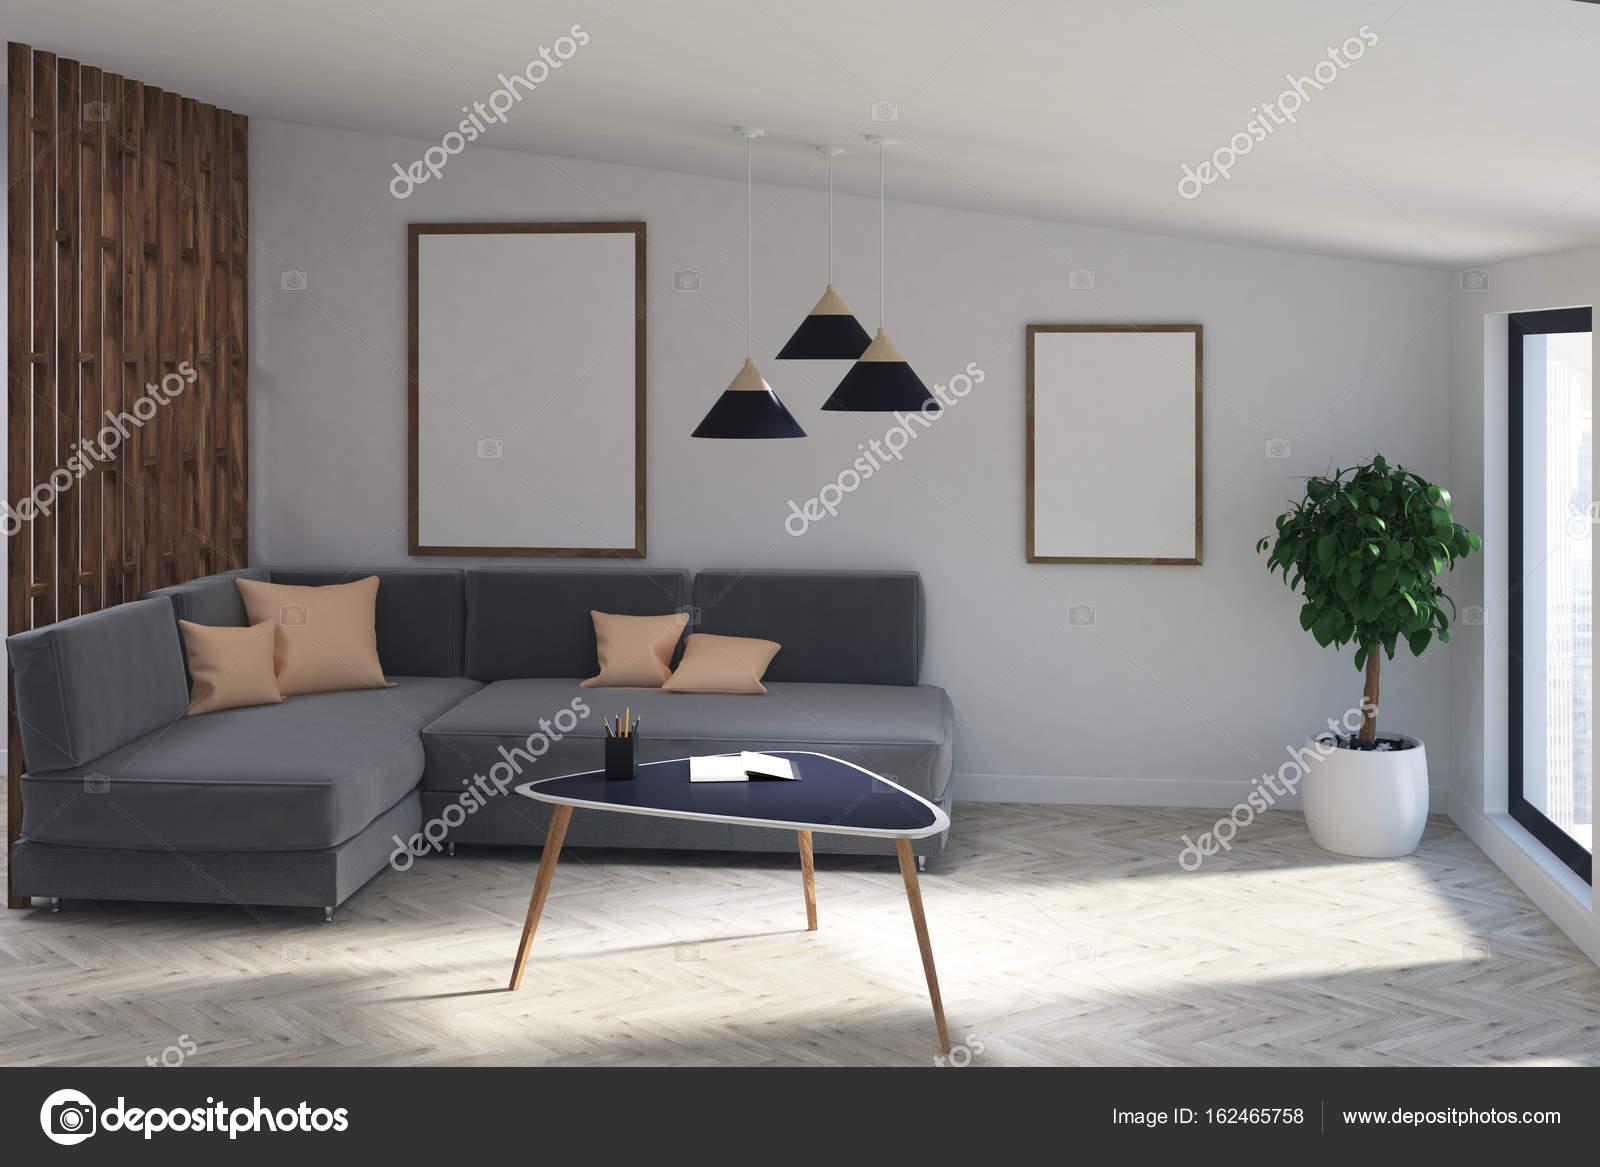 Attic Wohnzimmer Interieur Mit Einem Grauen Sofa, Einen Baum In Einem Topf,  Gerahmt Zwei Plakate Und Ein Moderner Couchtisch. 3D Rendering Mock Up U2014  Foto ...